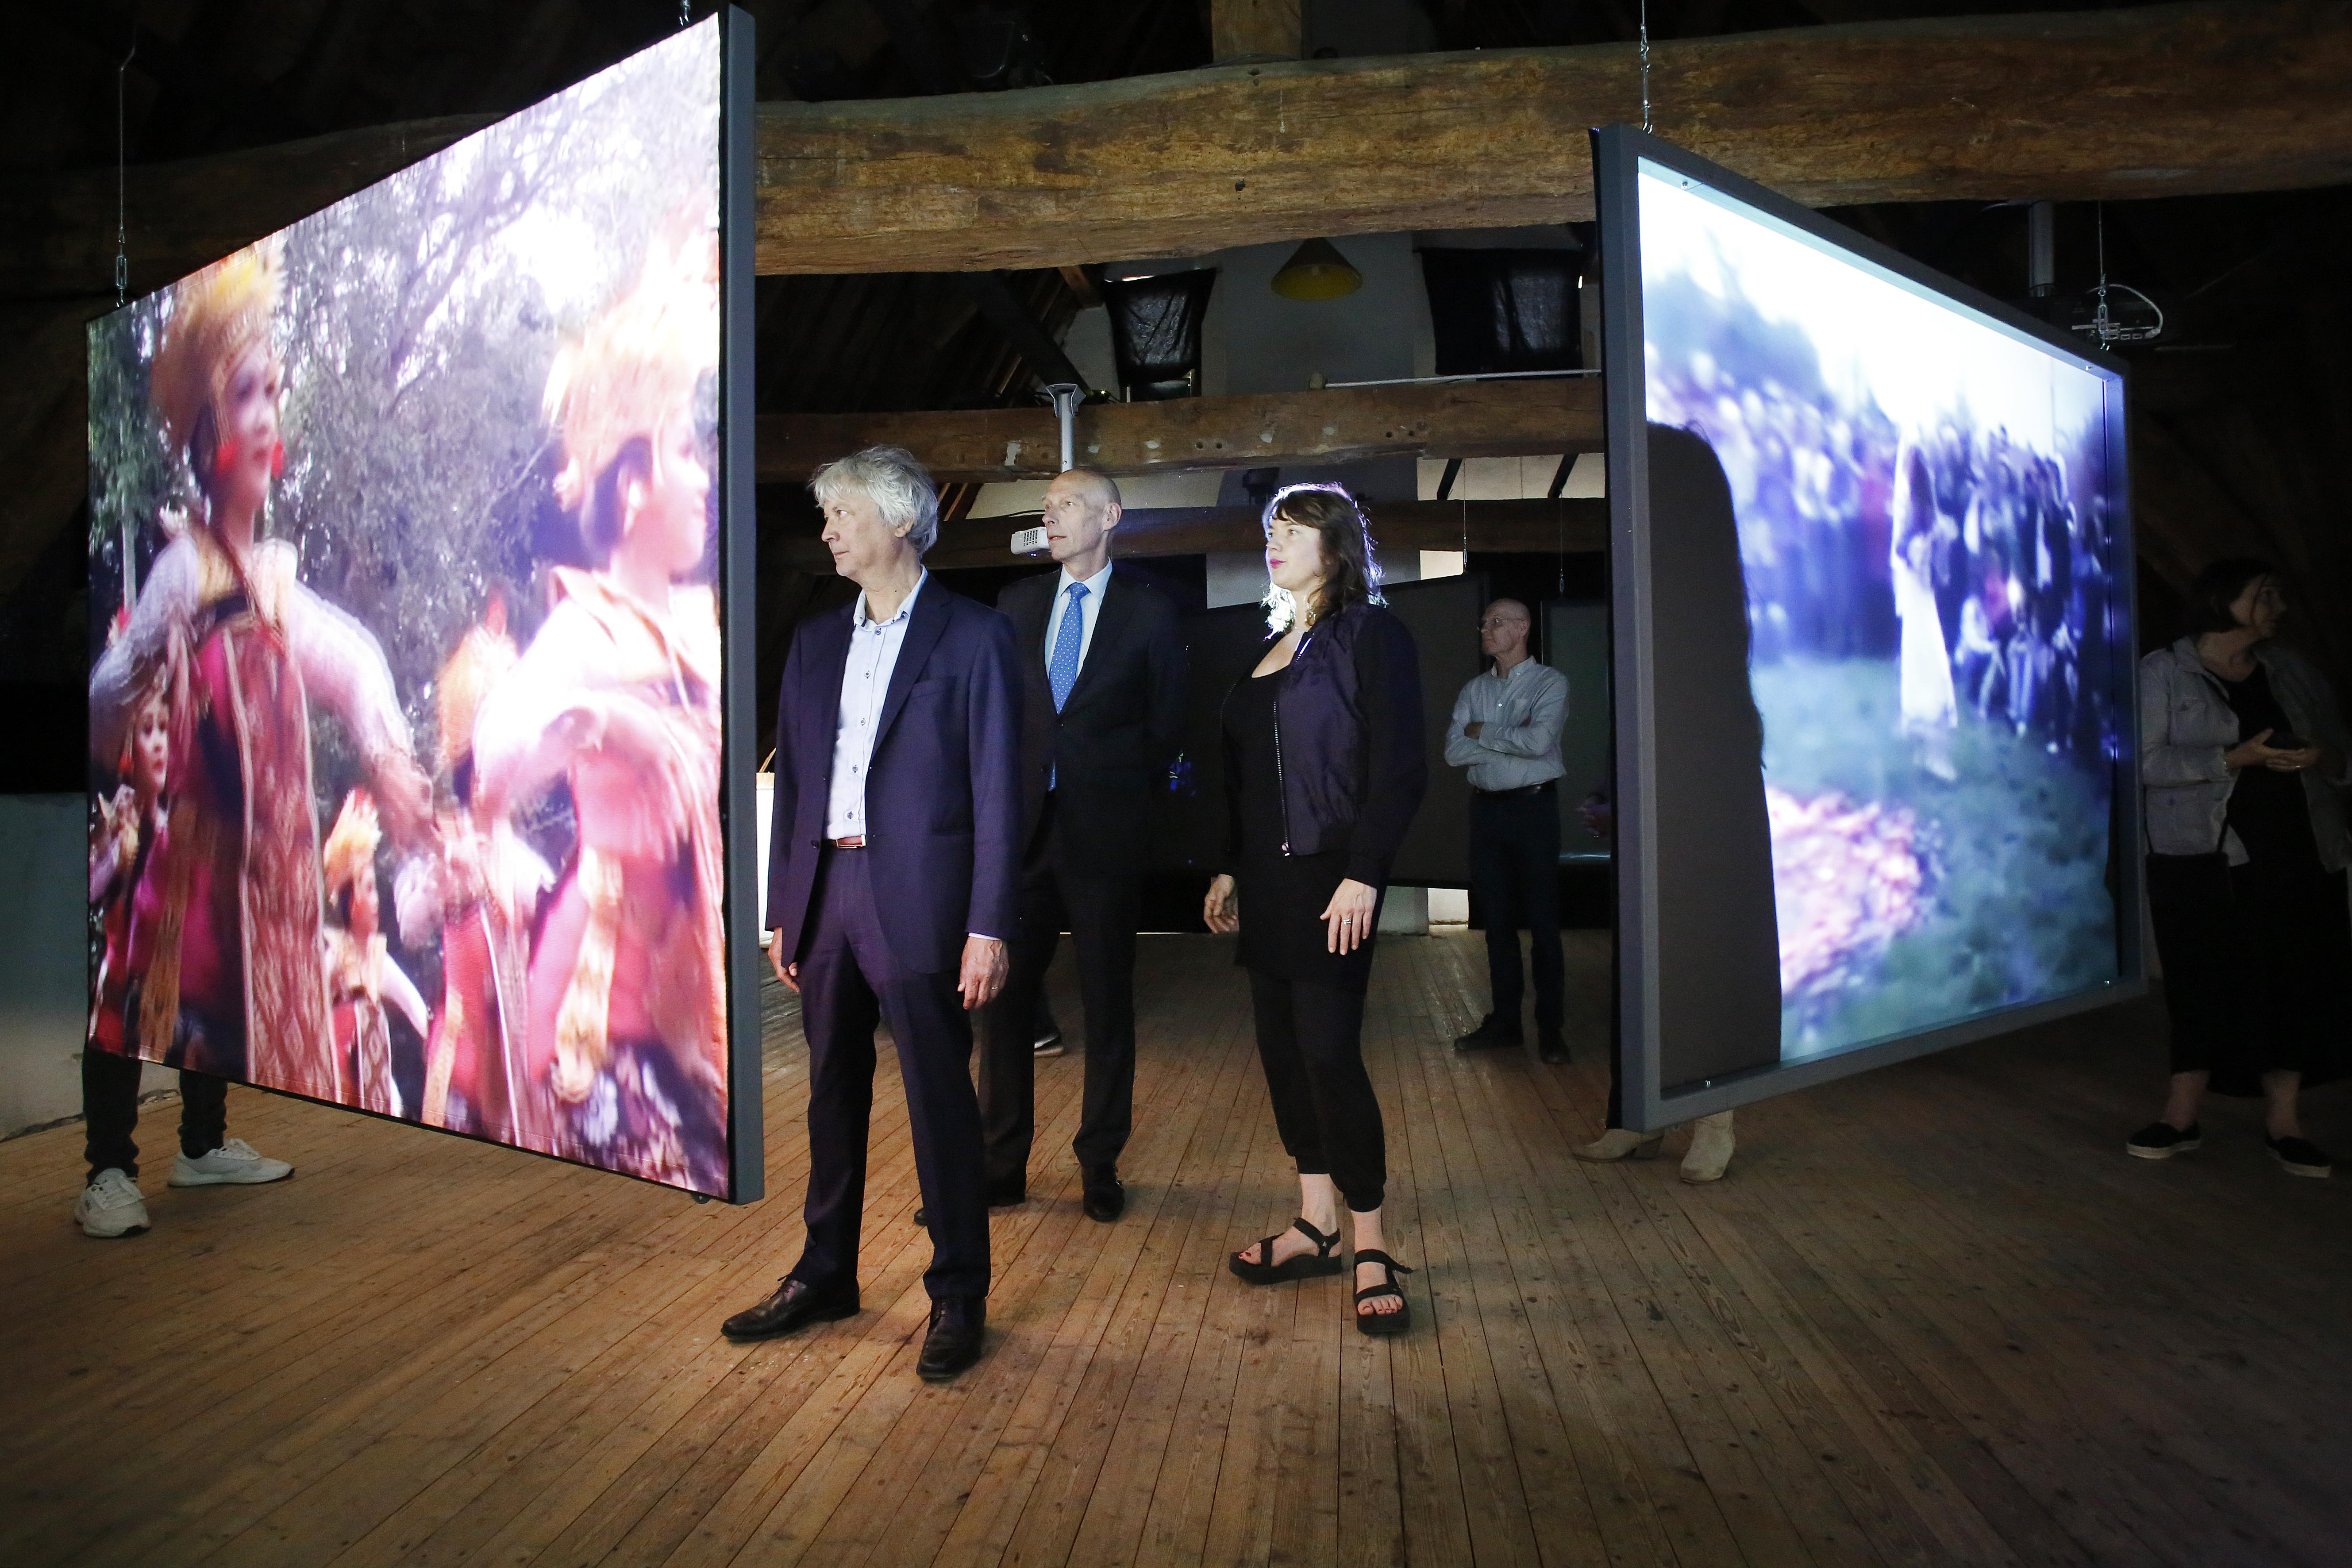 Ook mensen met een visuele beperking kunnen dit jaar op FotoFestival Naarden tentoonstellingen 'bekijken', dankzij audiotranscriptie en samenwerking met Koninklijke Visio